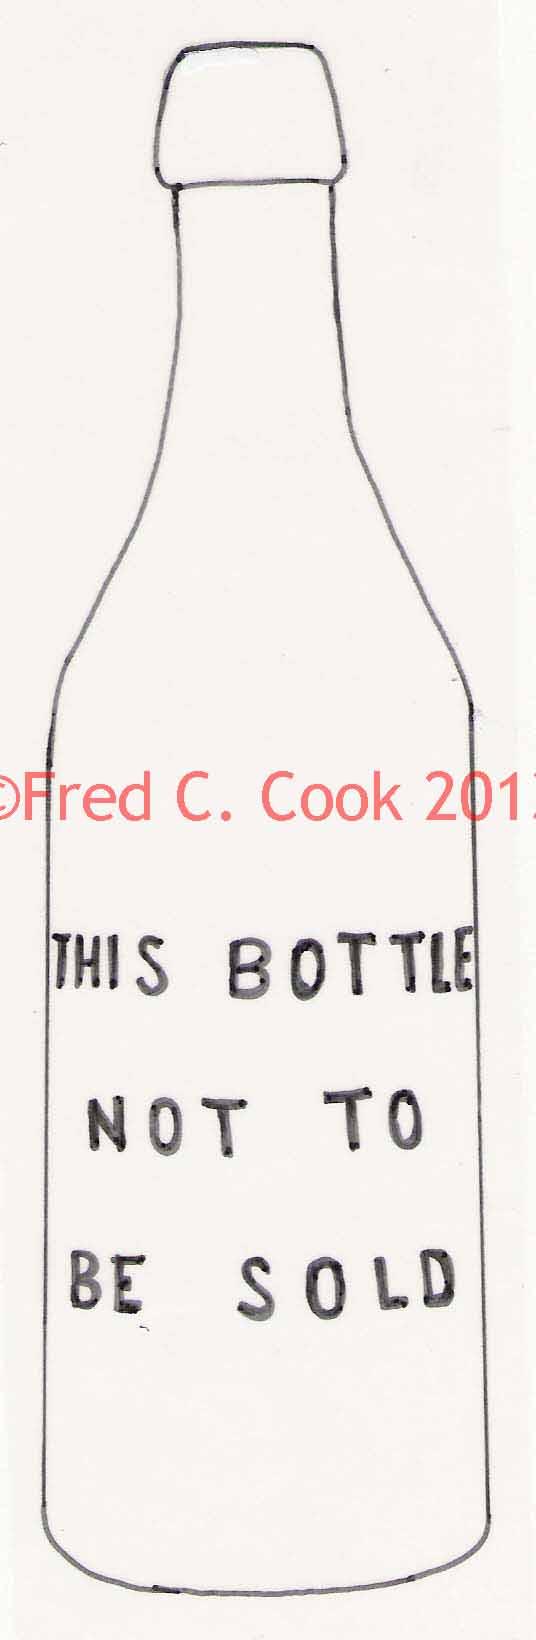 Bottles kegs by fred c cook glynngen lightning stopper karl hutter new york embossed on base of bottle height 9 316 diameter 2 1316 biocorpaavc Gallery